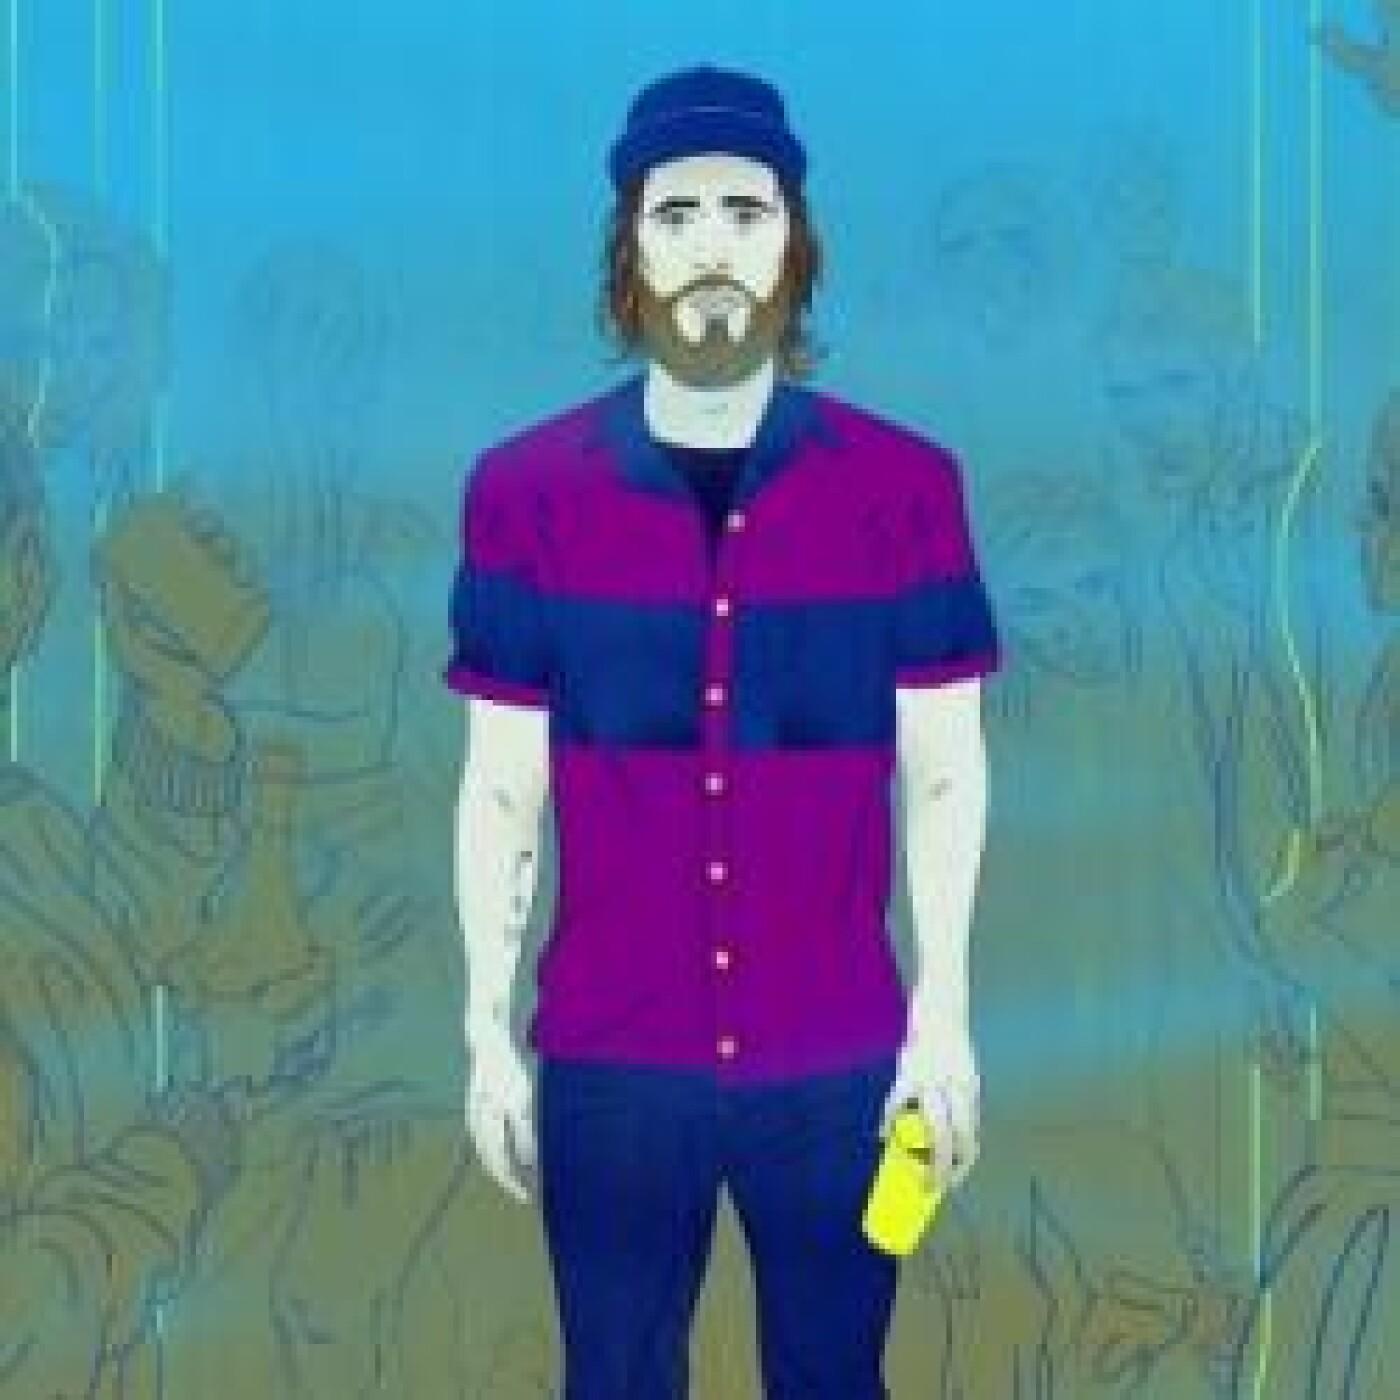 FG MUSIC NEWS : le remix 'I Should Go' de Nic Fanciulli